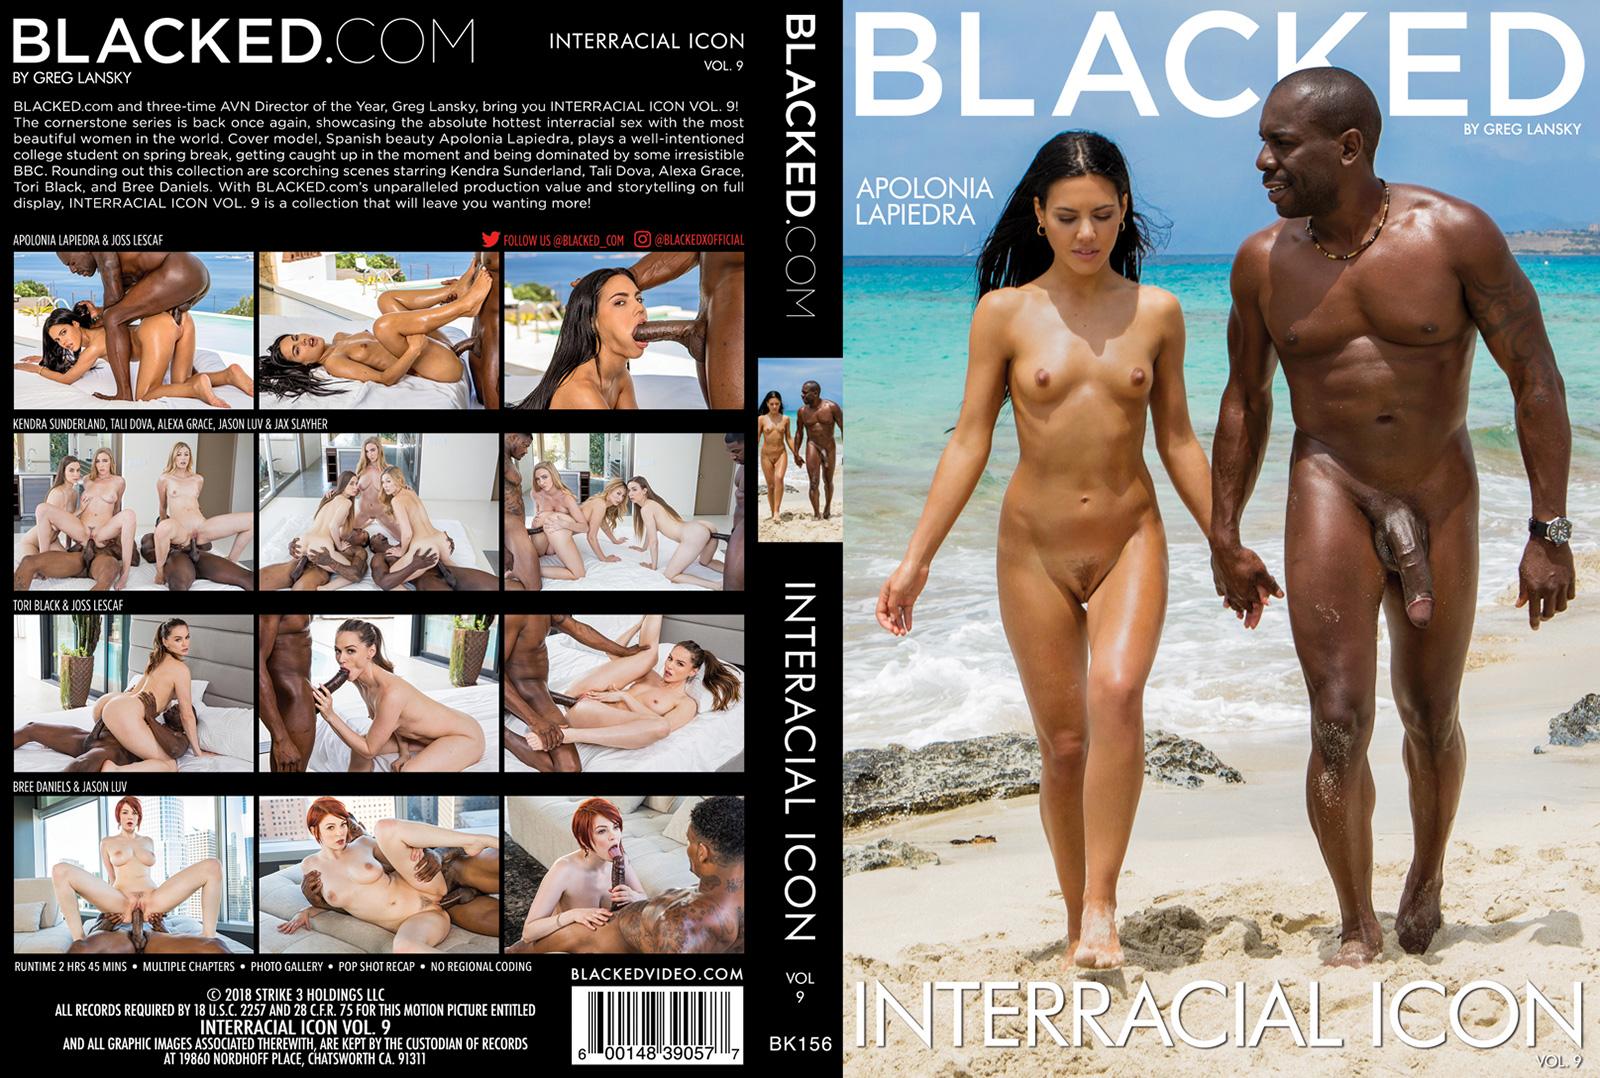 Apolonia La Piedra Interracial Sex Porn porn review blackeds interracial icon 9